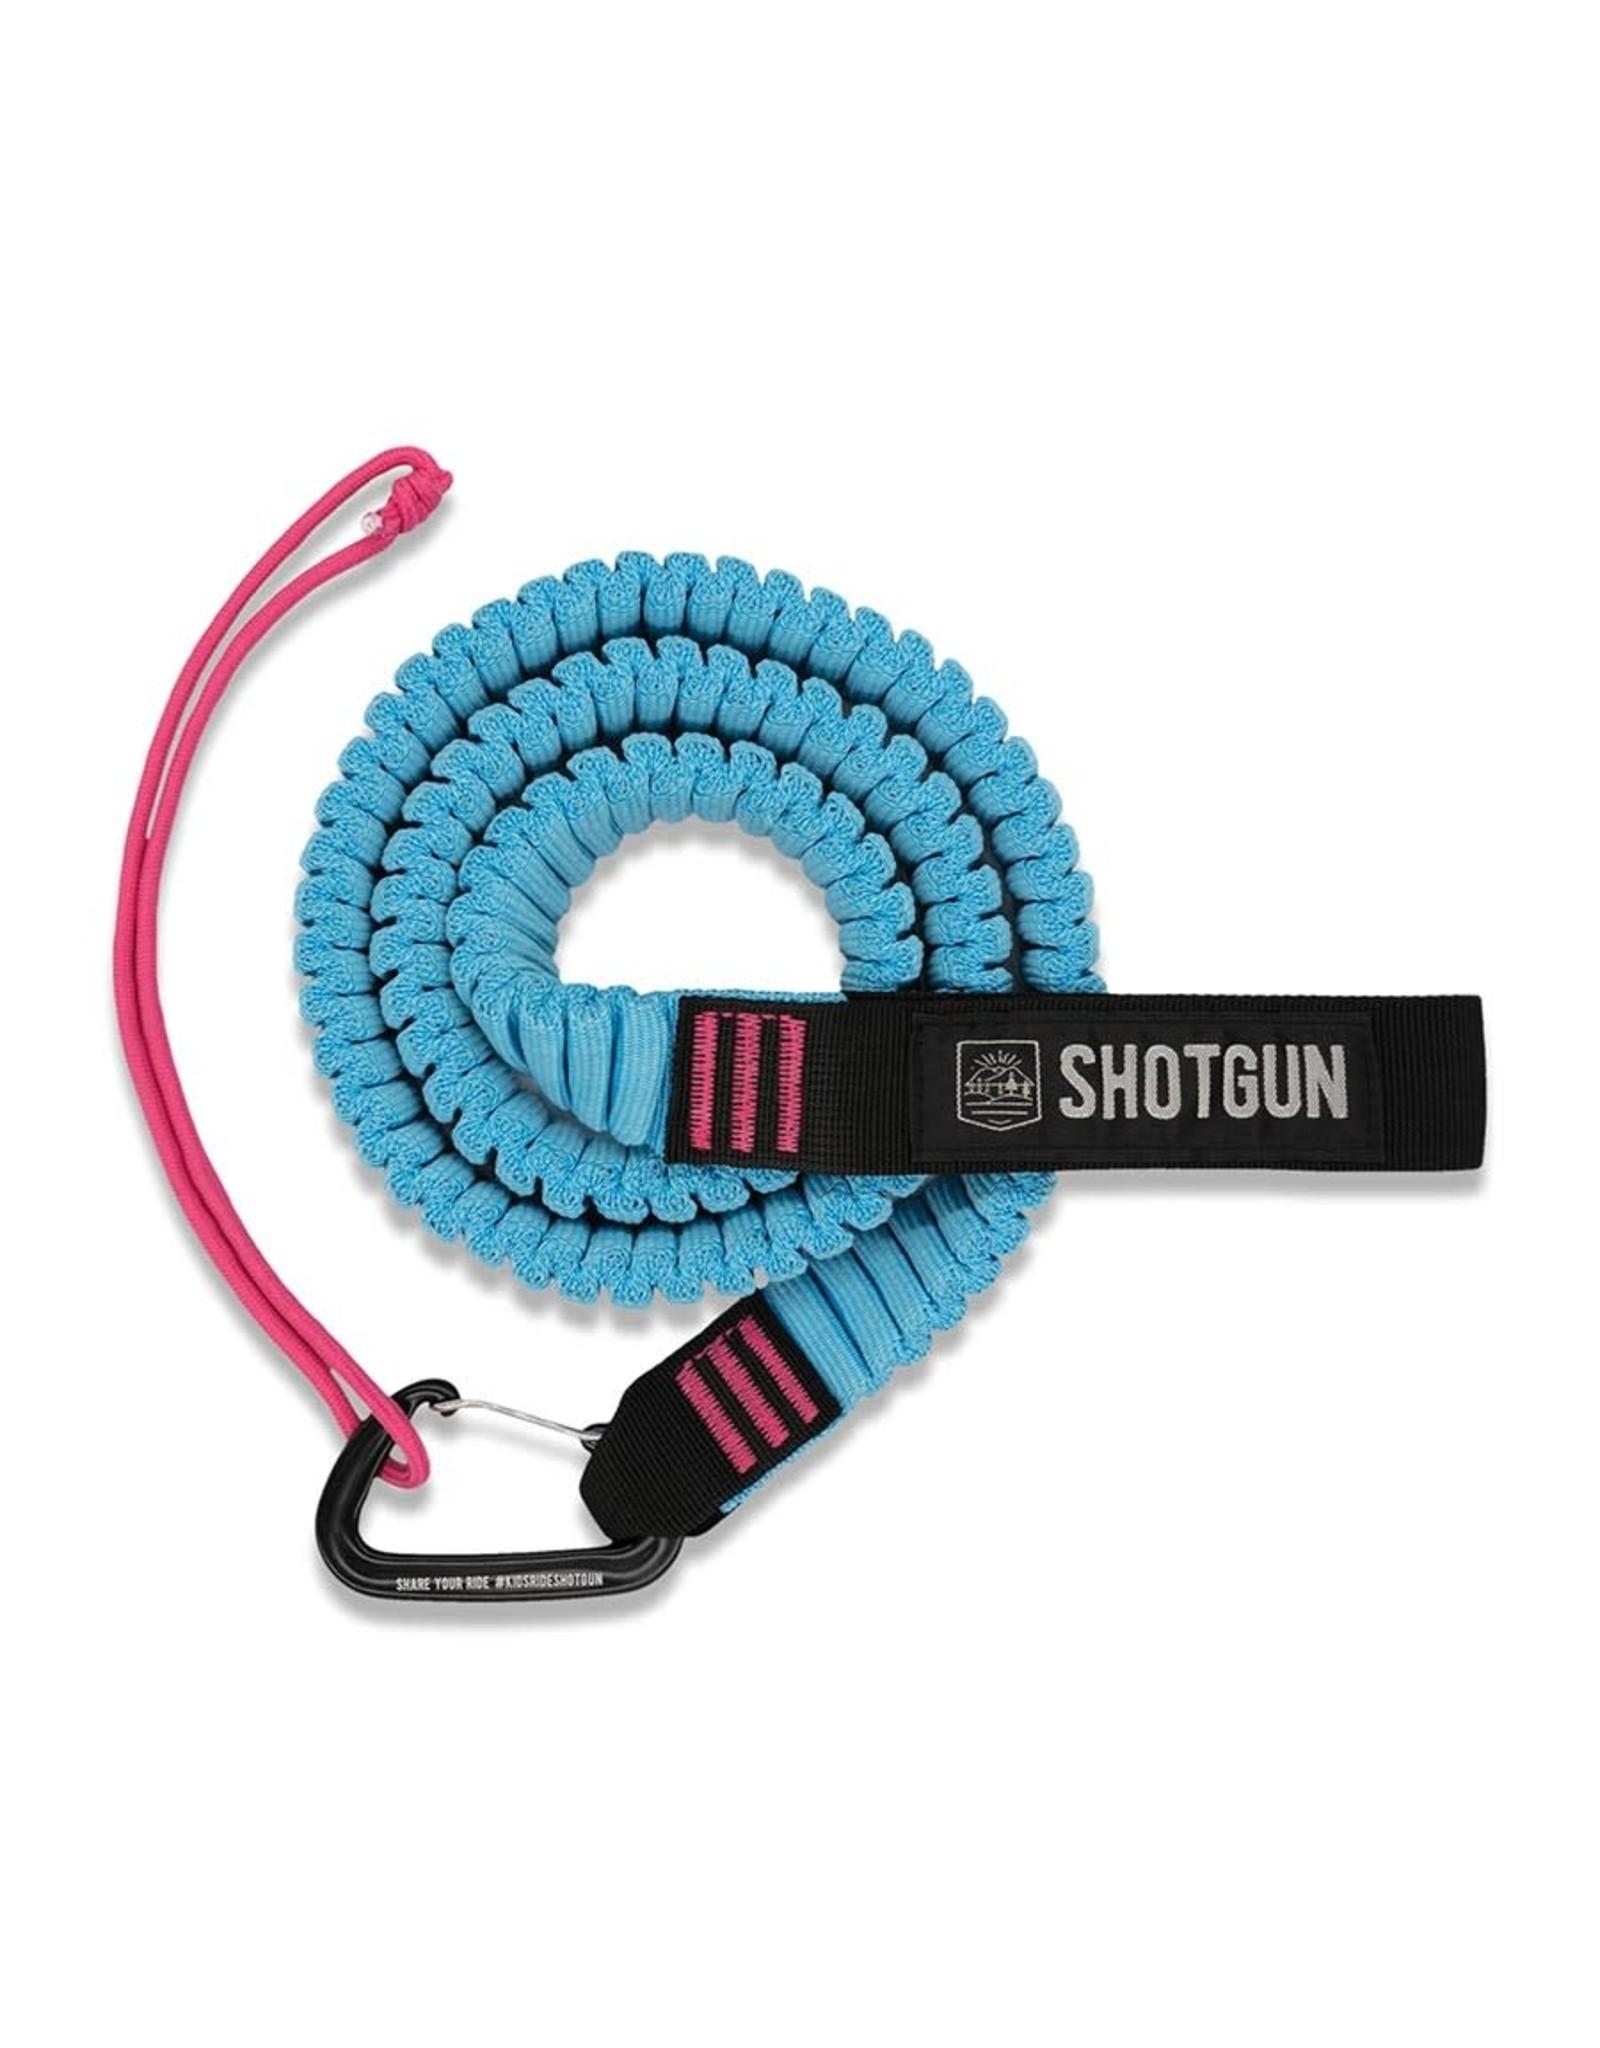 Shotgun Corde remorquage Shotgun bleu